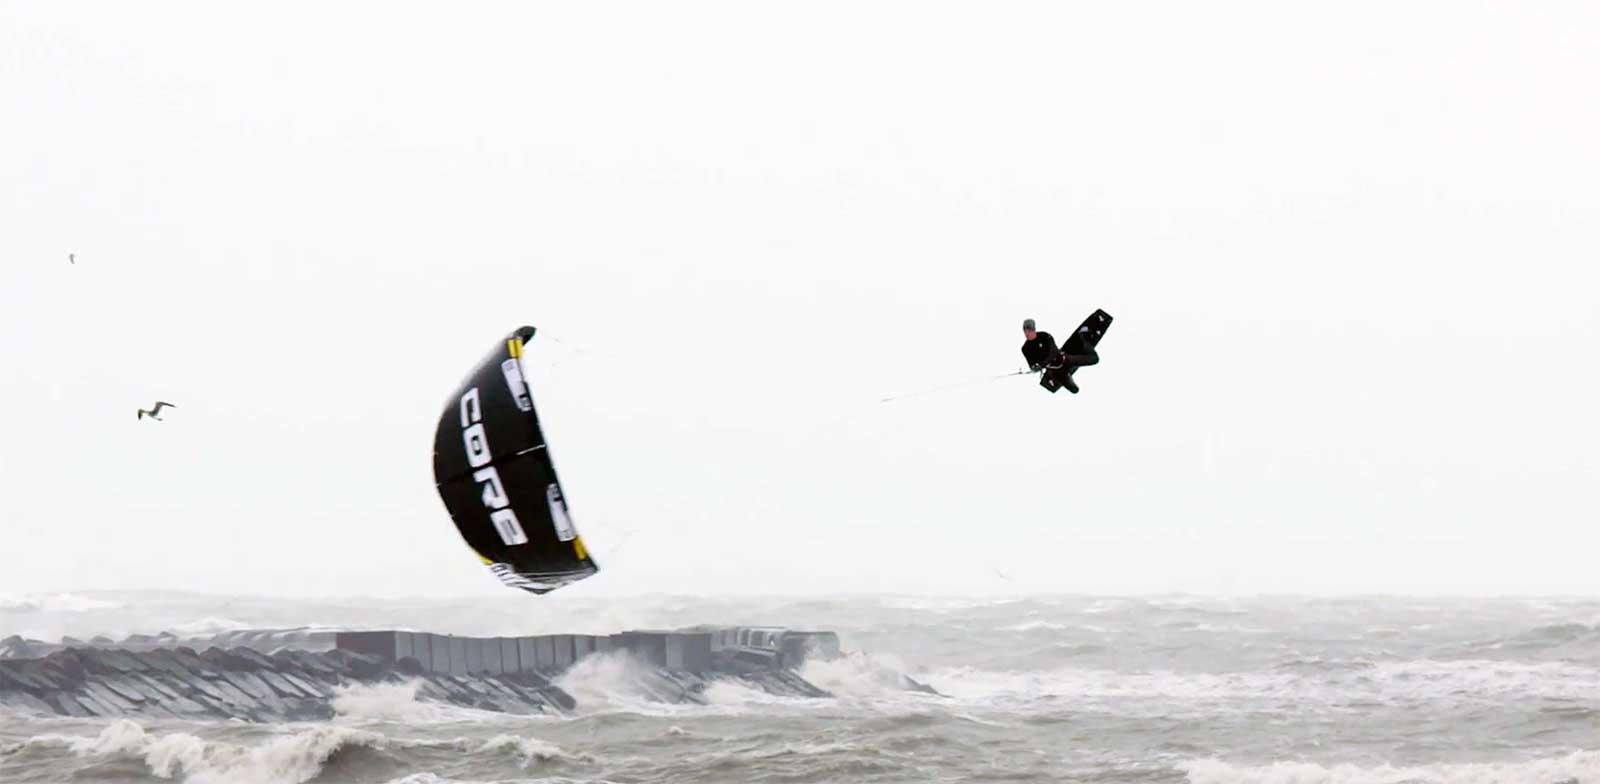 Megaloop kite down